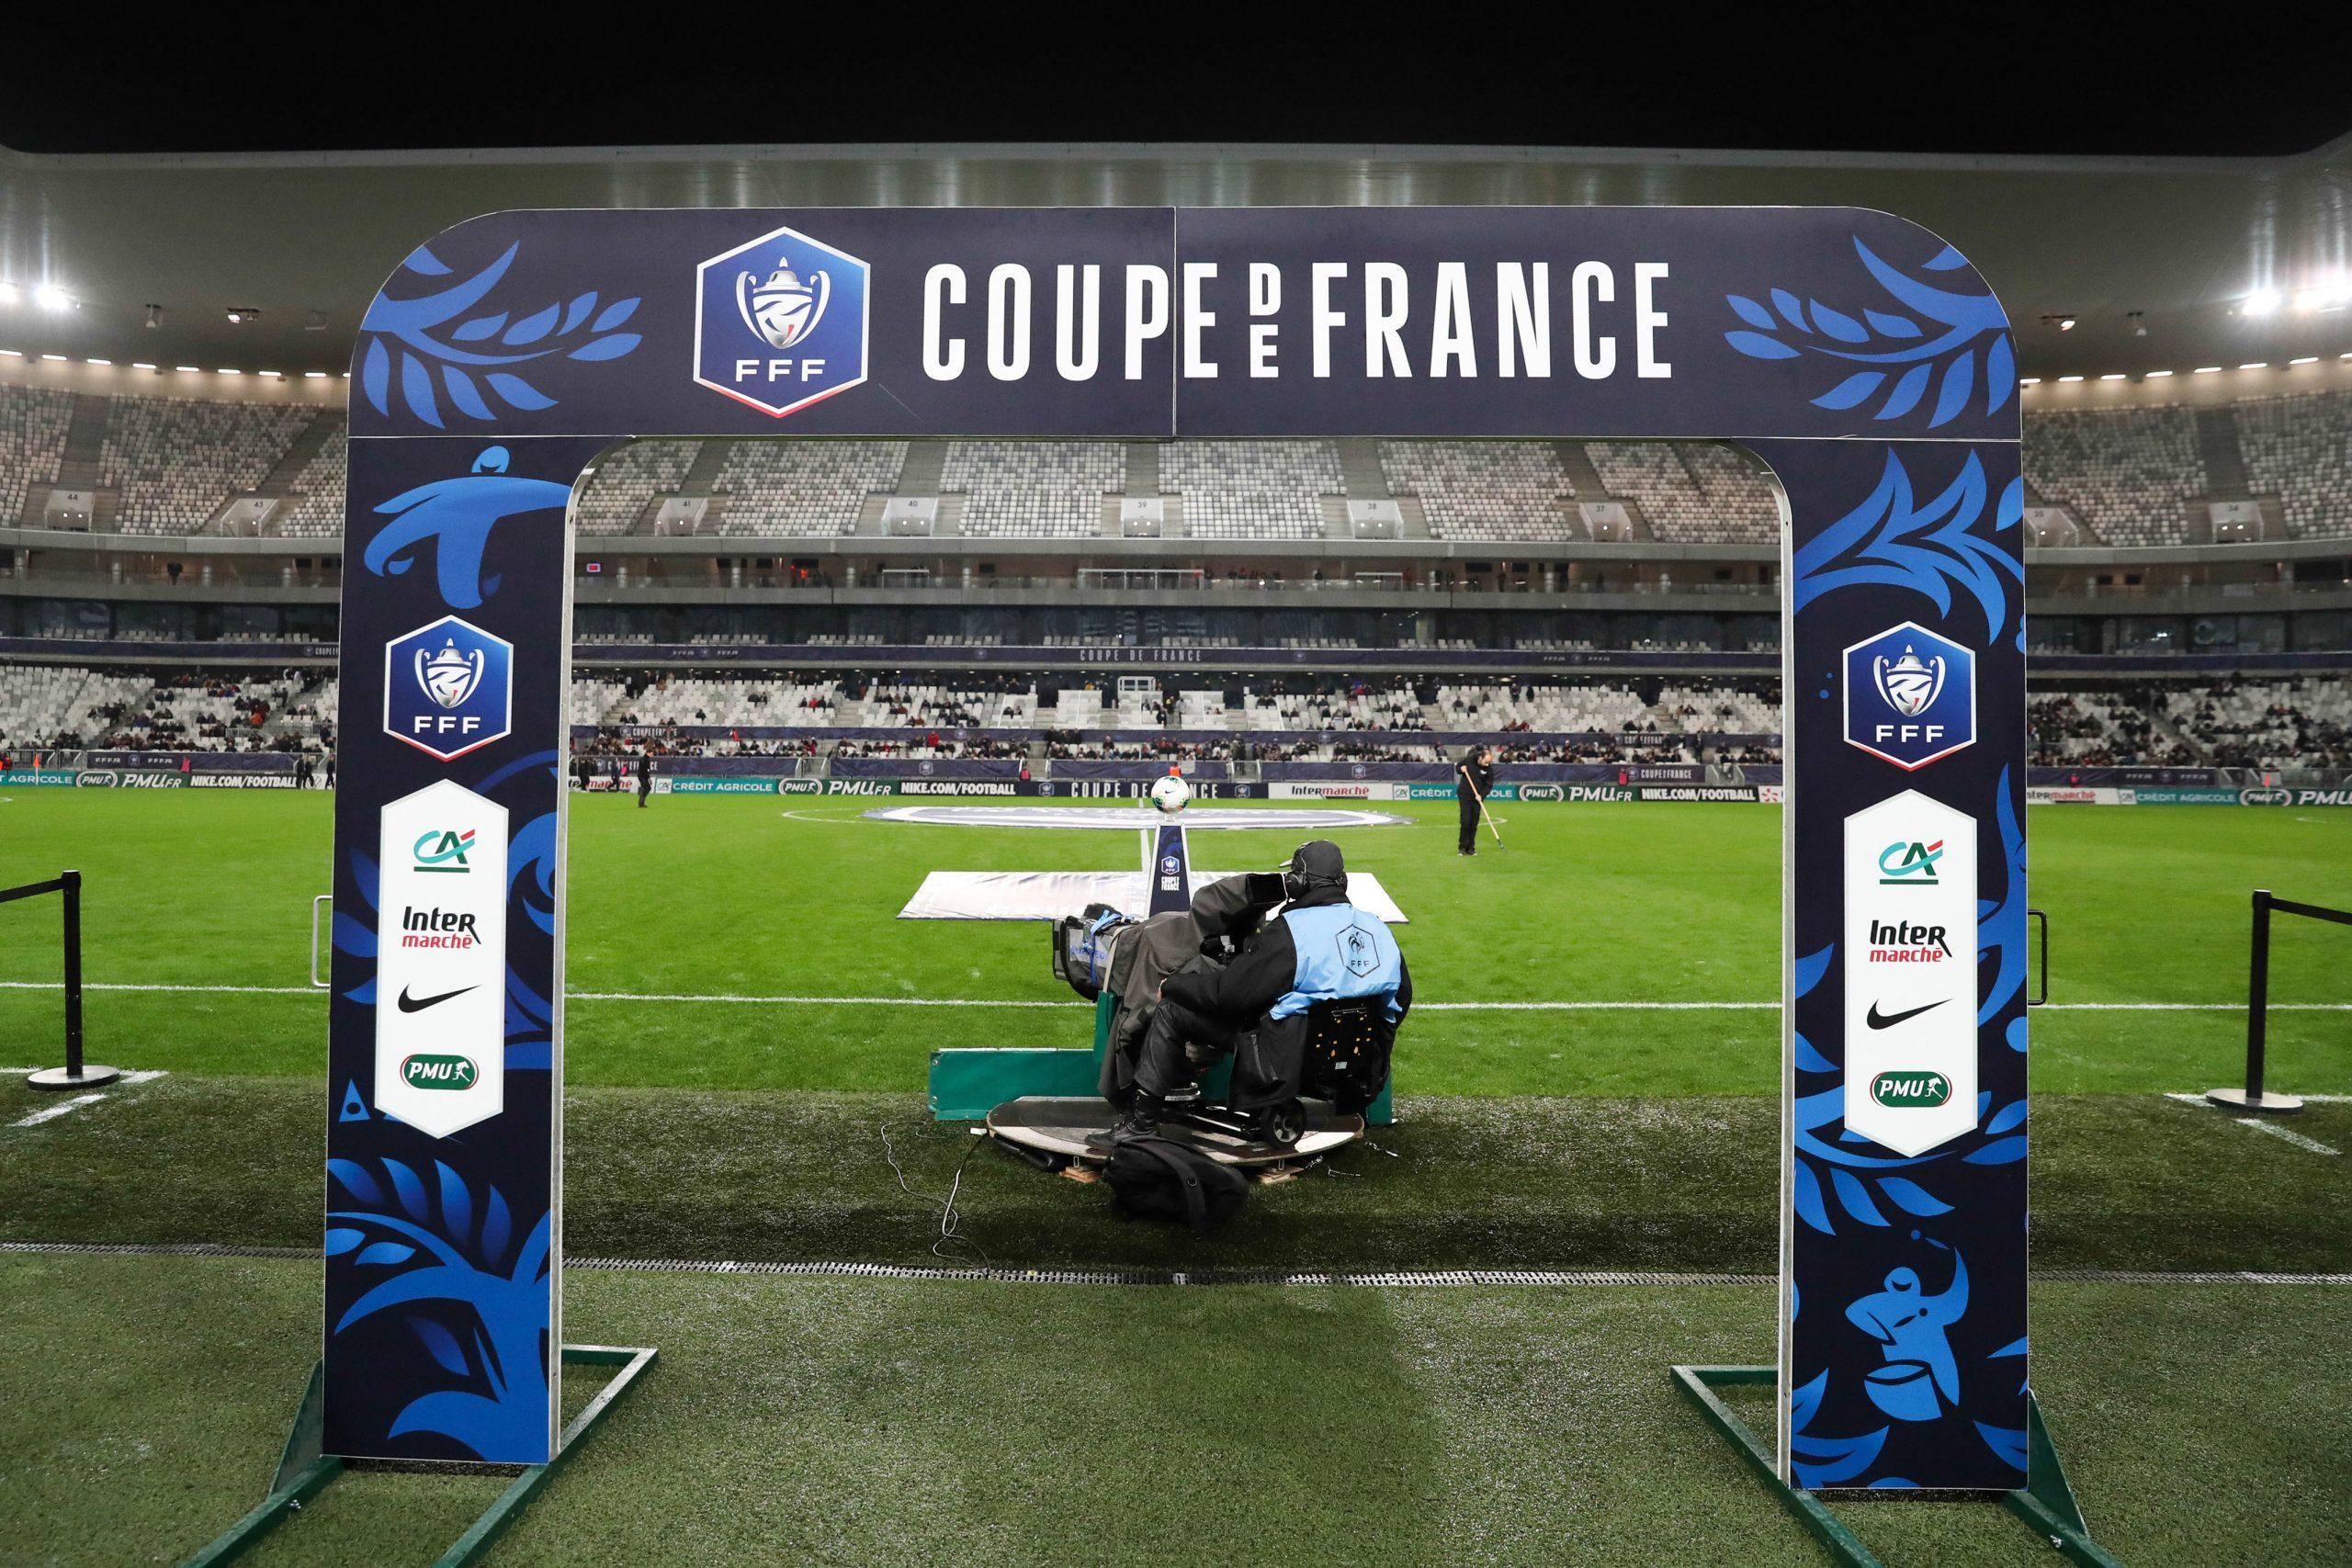 La finale de Coupe de France 2019-2020 pourrait se jouer en province